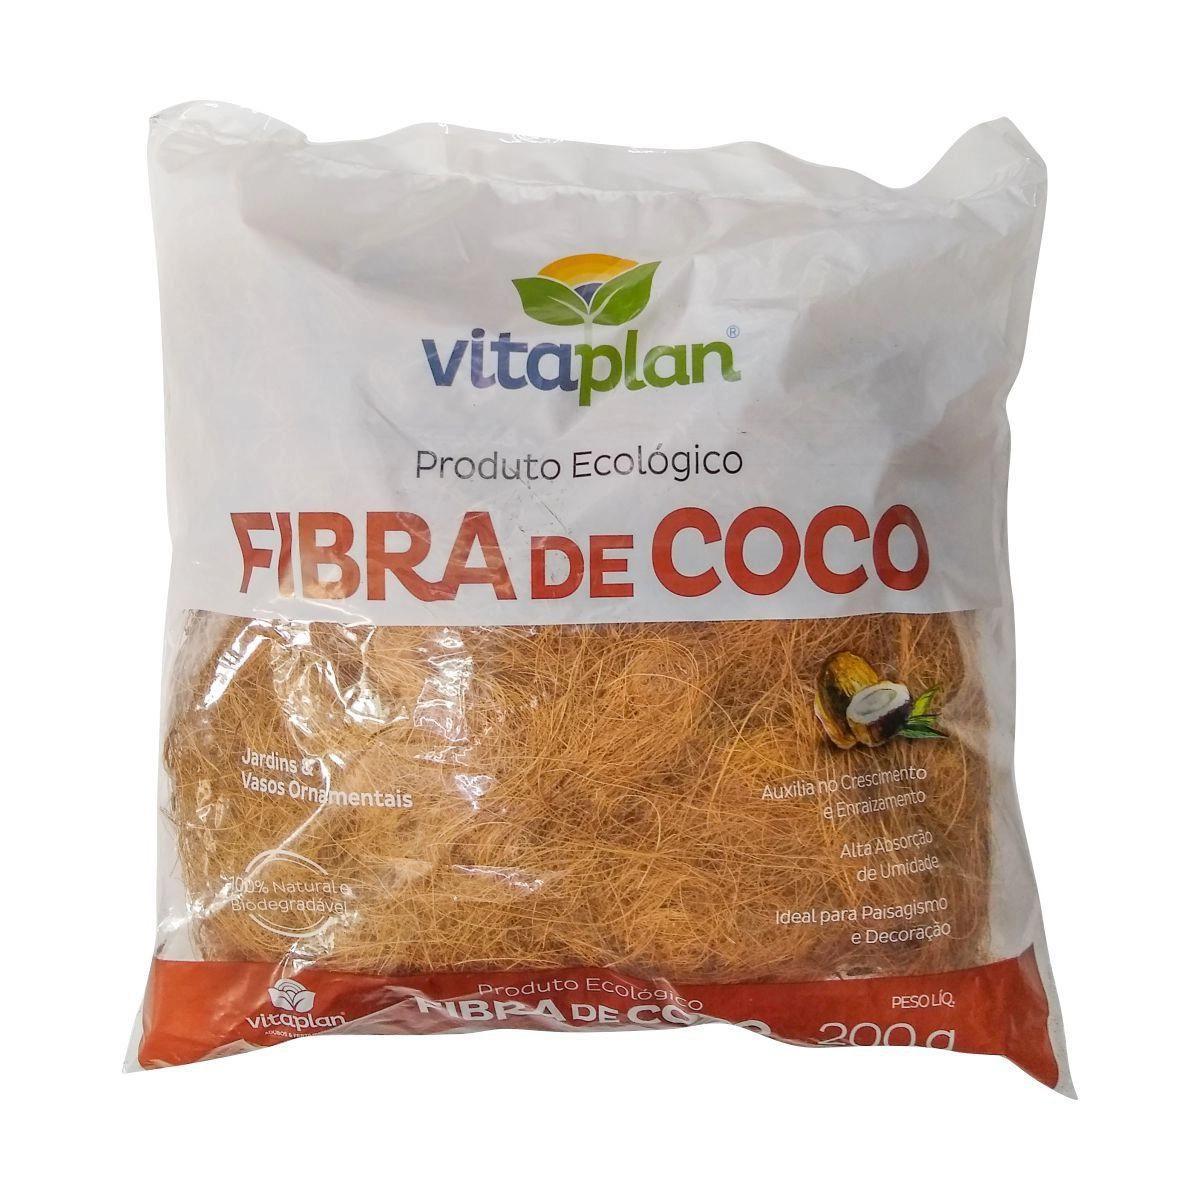 Vitaplan Fibra de Coco 200g